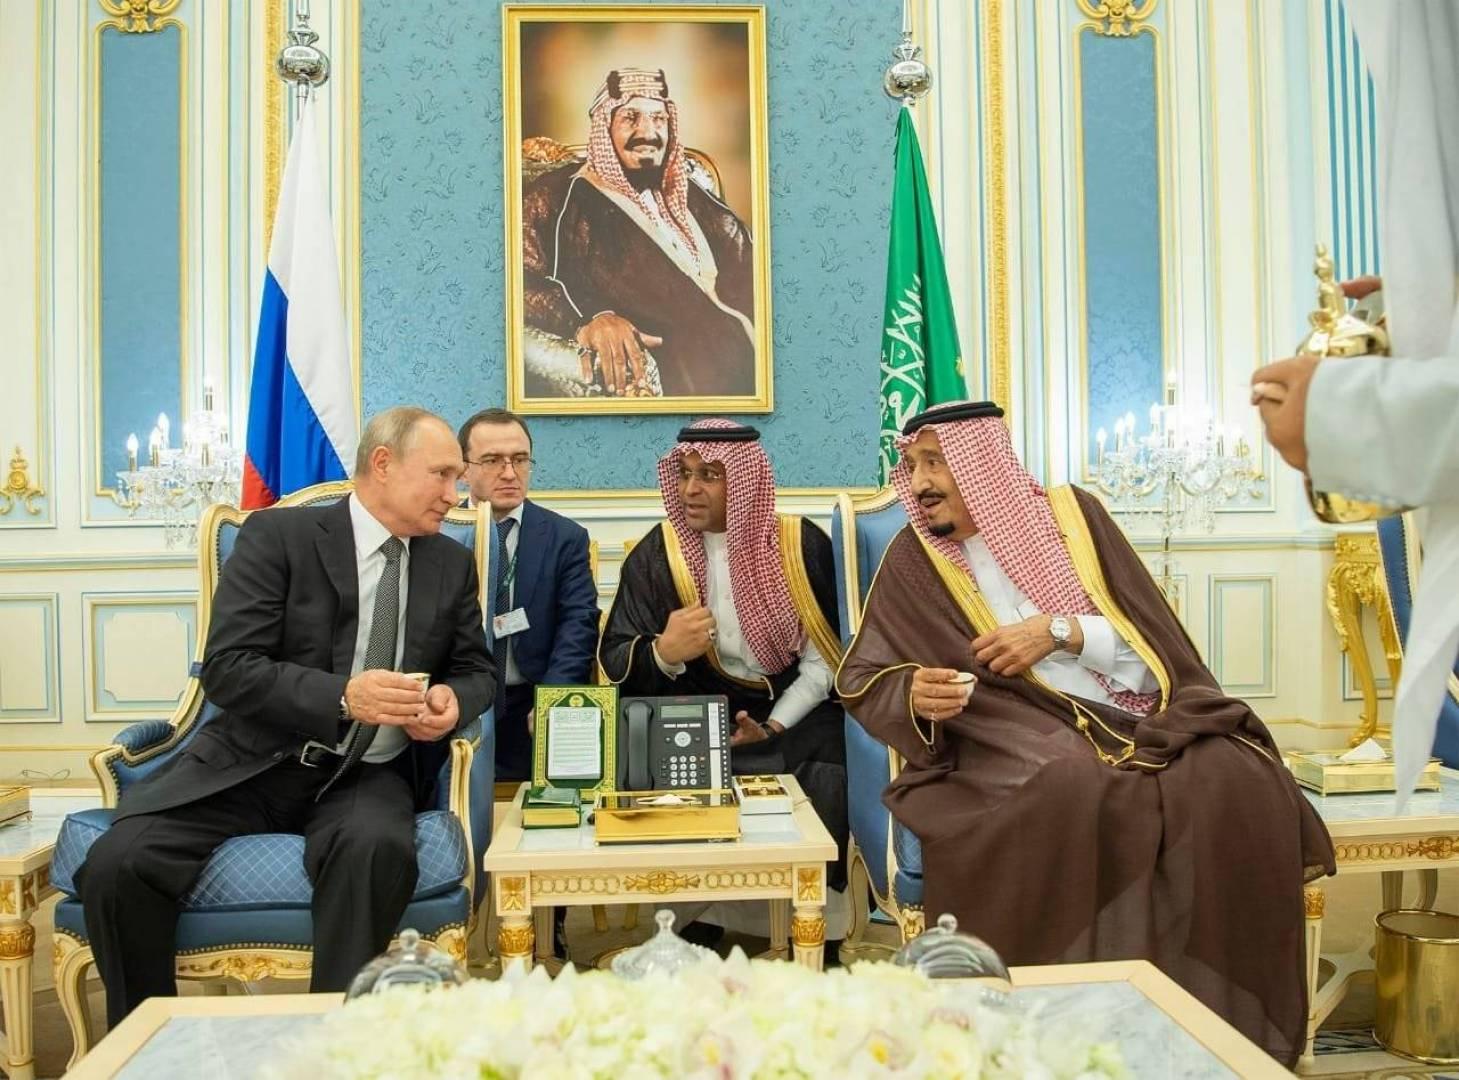 زيارة «تاريخية» لبوتين إلى السعودية